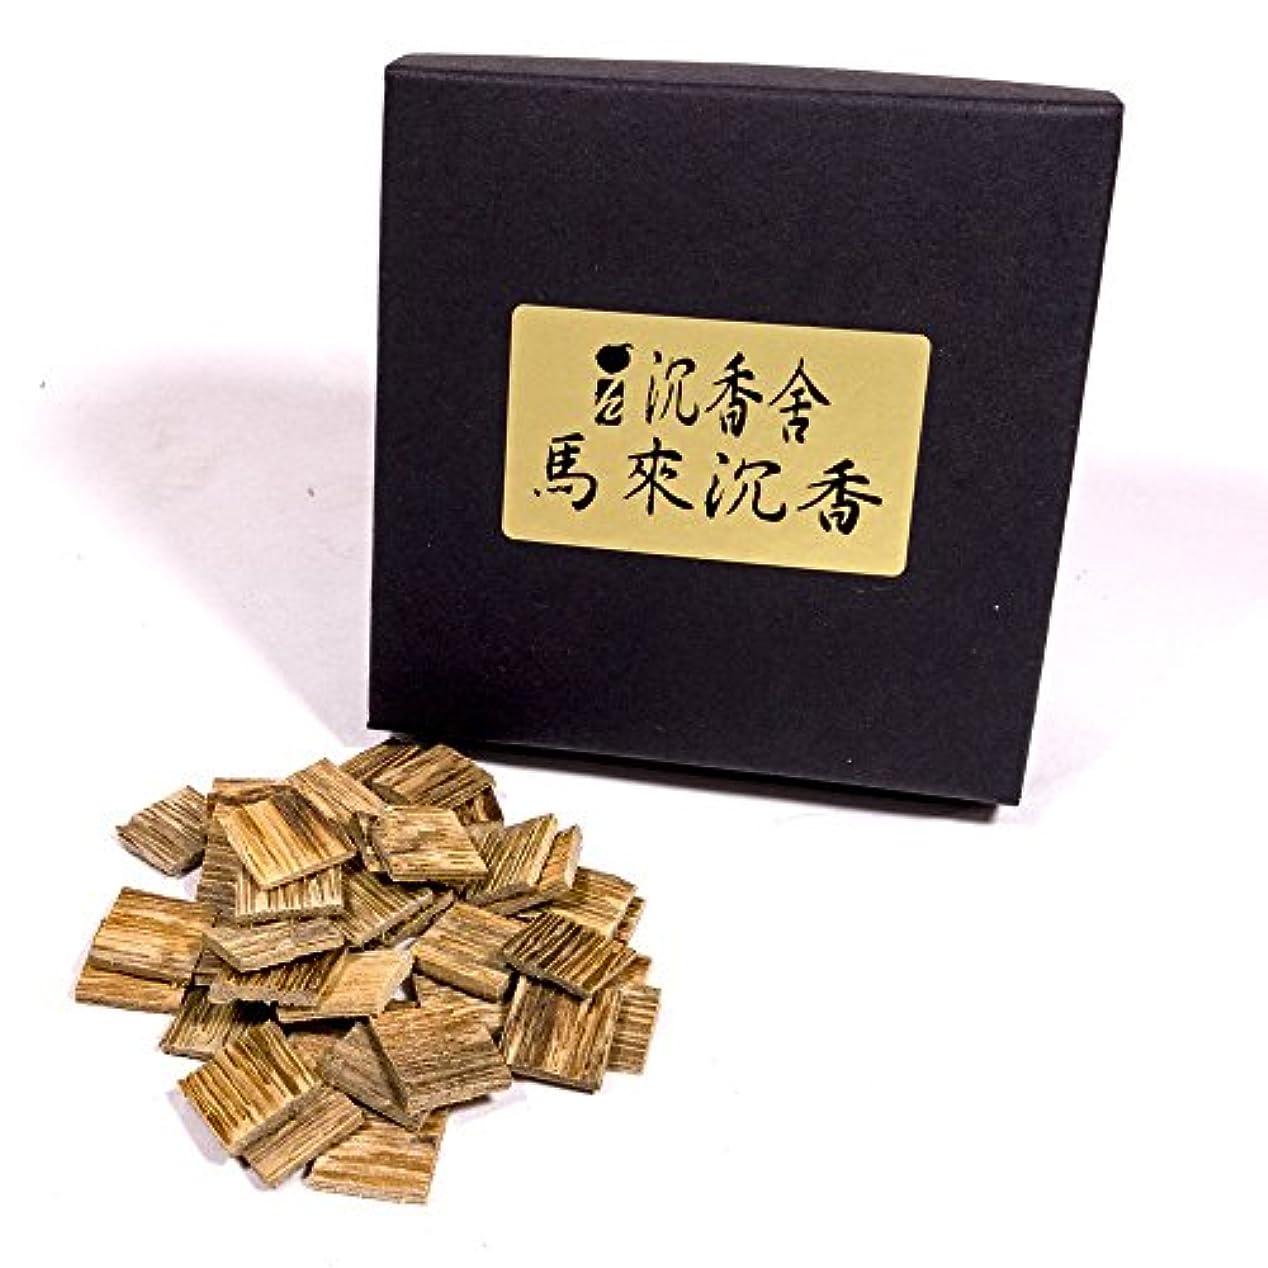 によって研究所メアリアンジョーンズ馬來西亞 沈香角割刻み マレーシア産 沈香 5g お香 お焼香 焼香 天然沈香香木刻み こづつ用